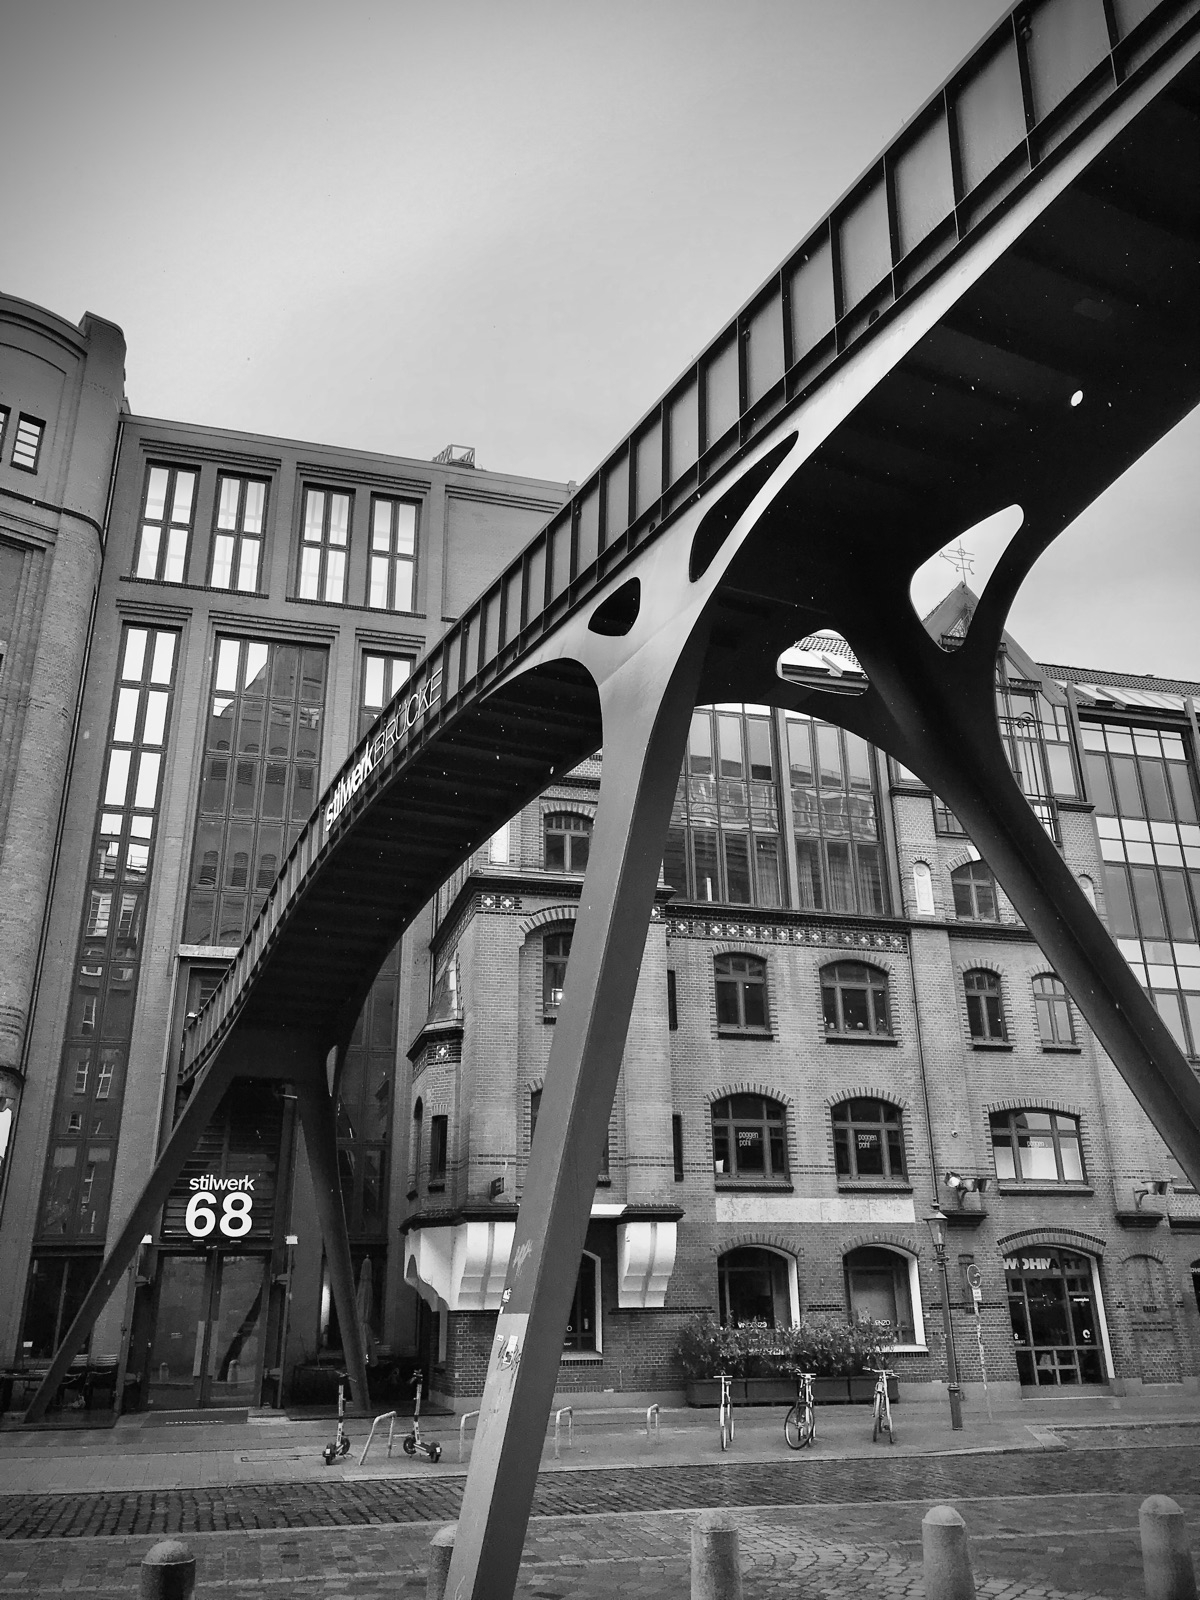 Stilwerkbrücke black white - ellobridges - blueskipper   ello